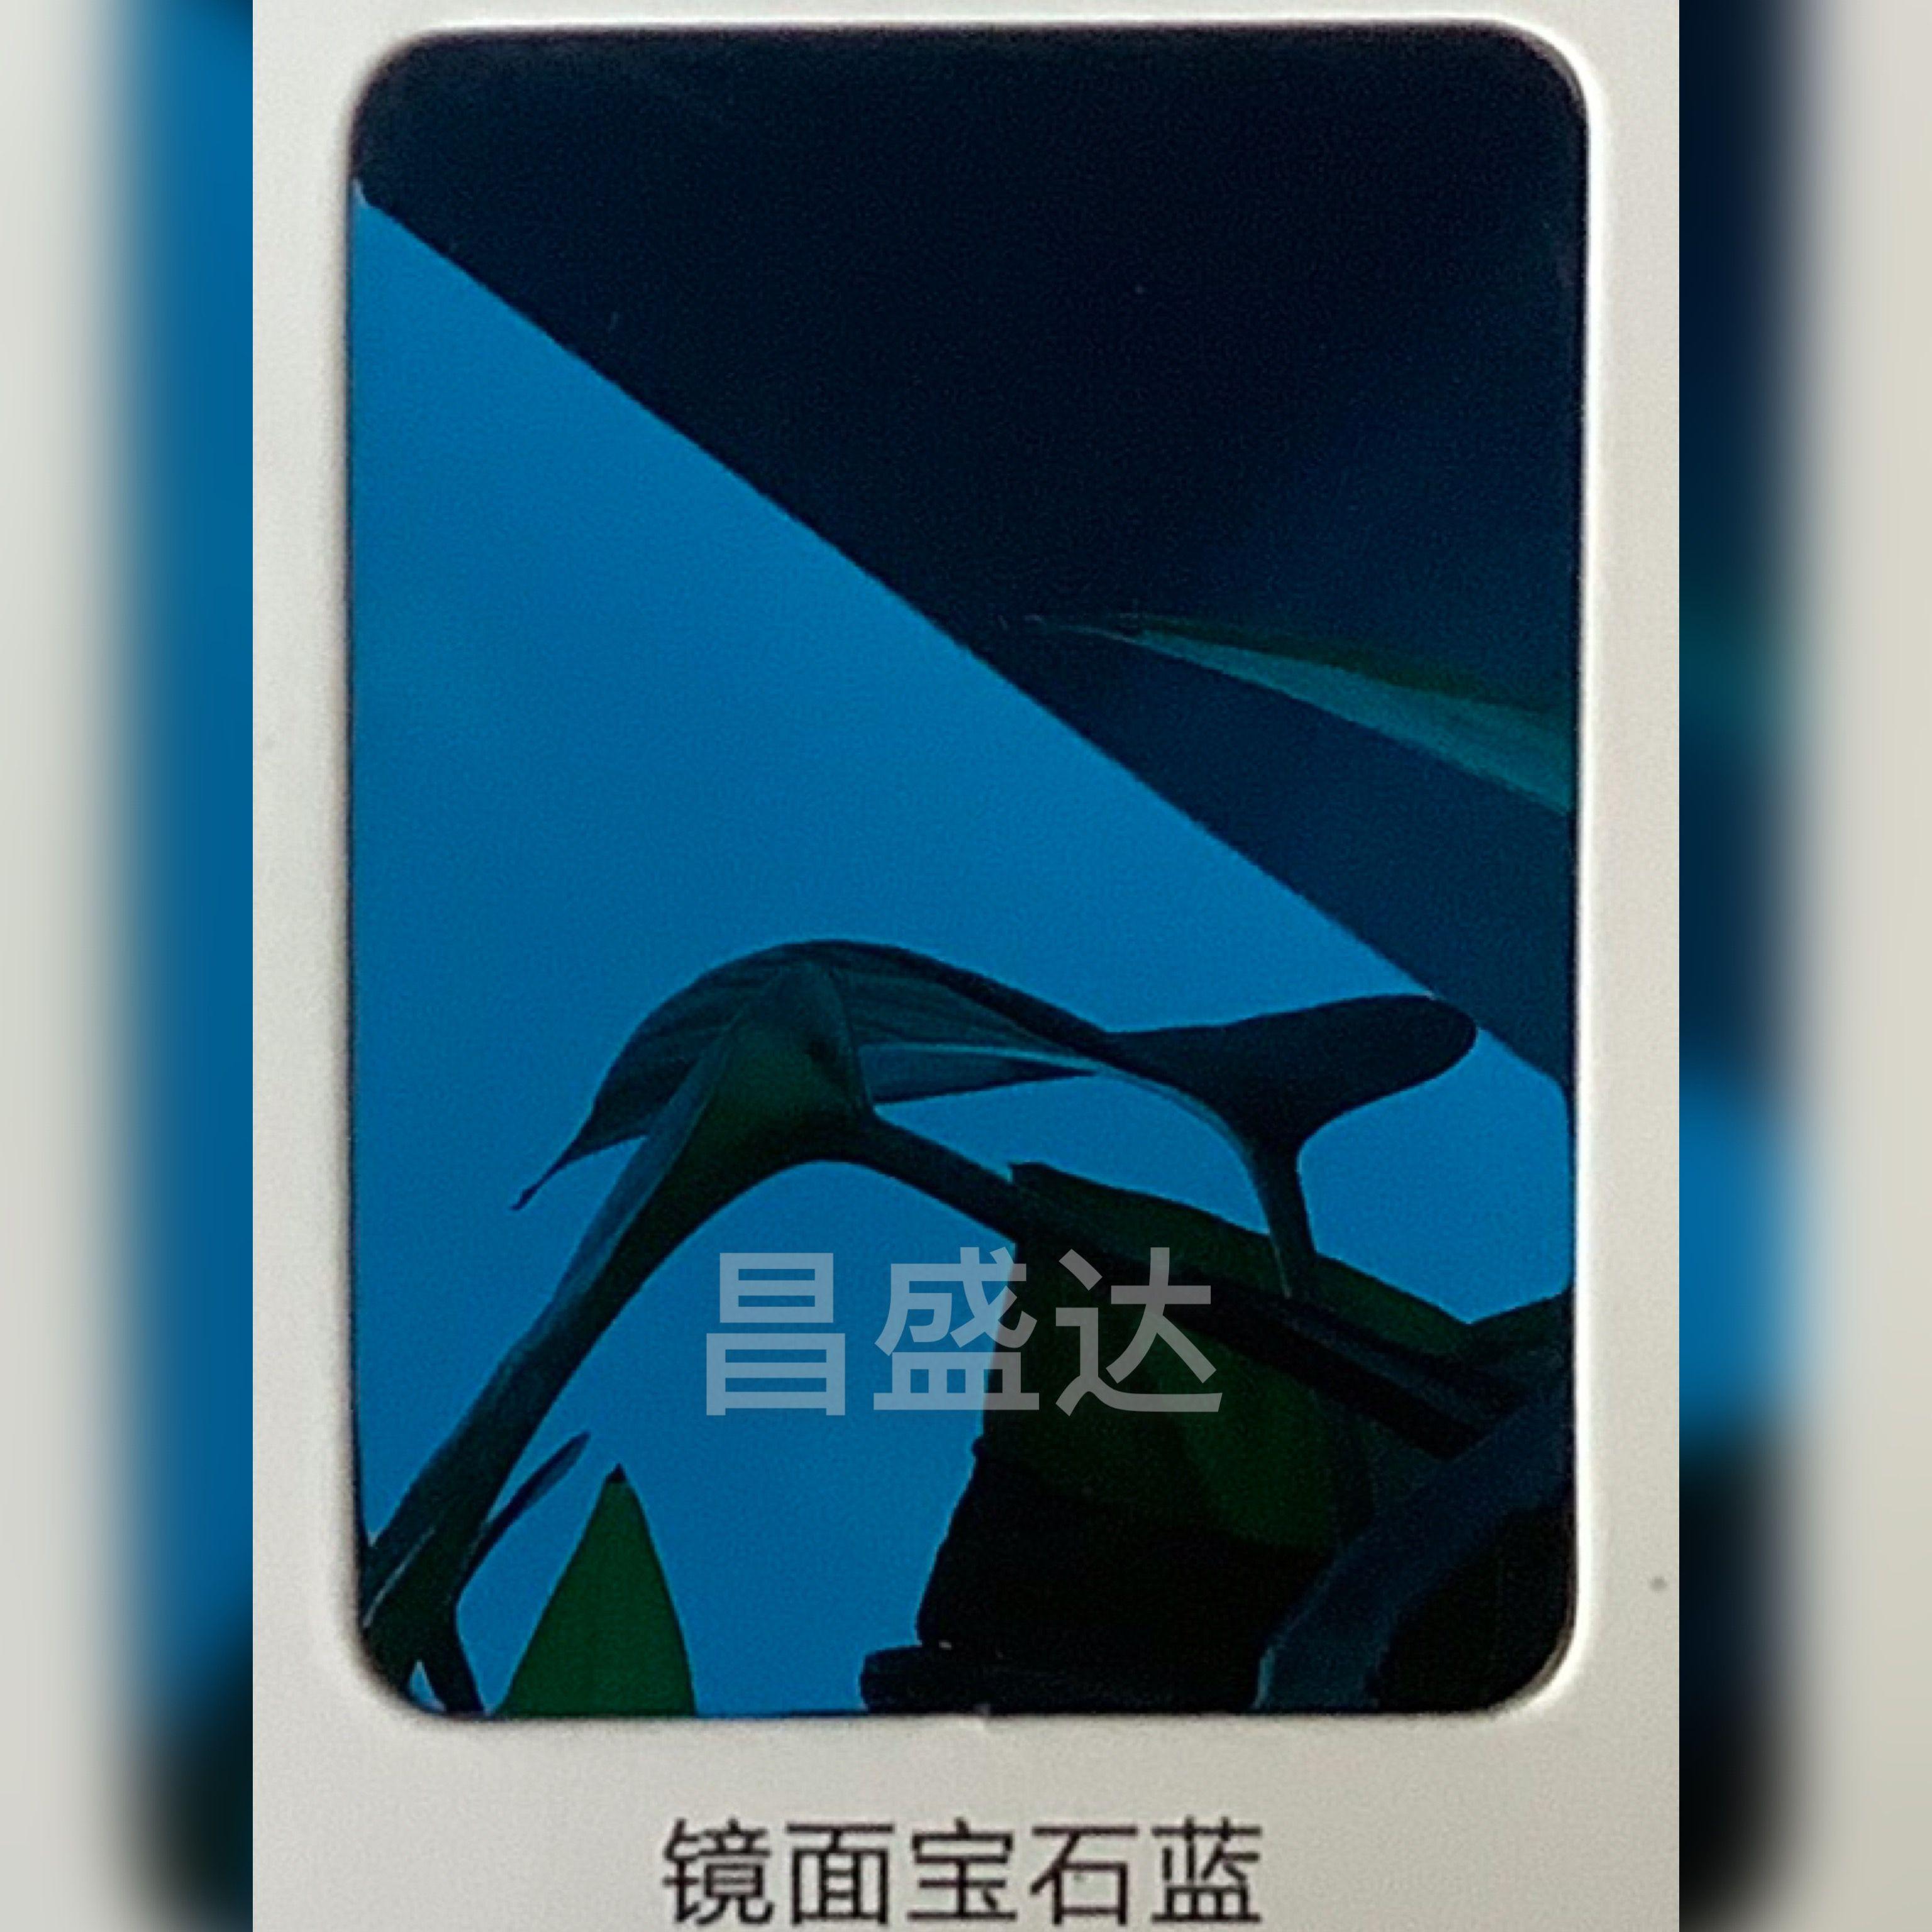 昌盛达宝石蓝镜面板